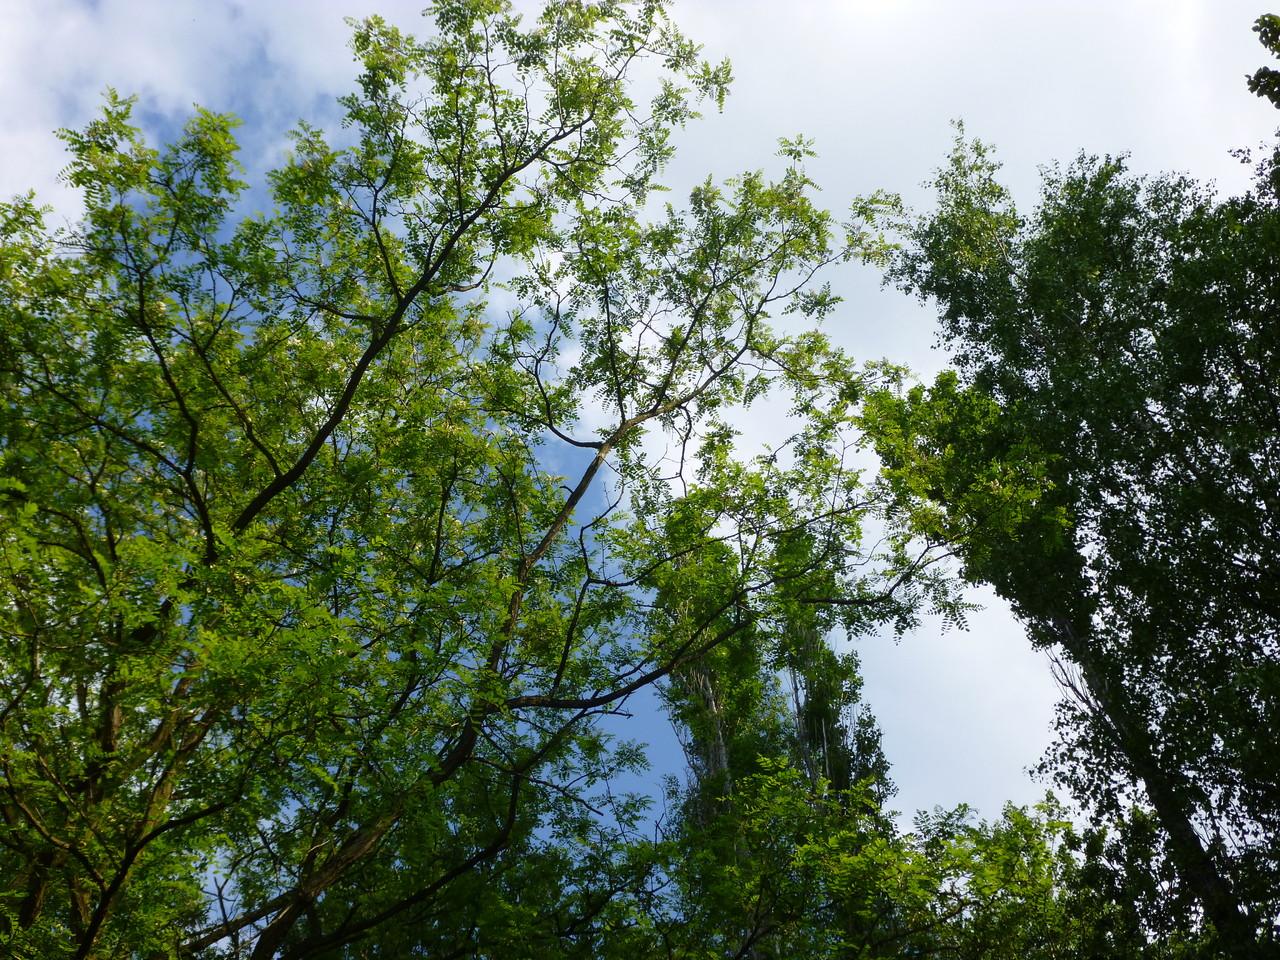 Blick zu den Wipfeln der Bäume